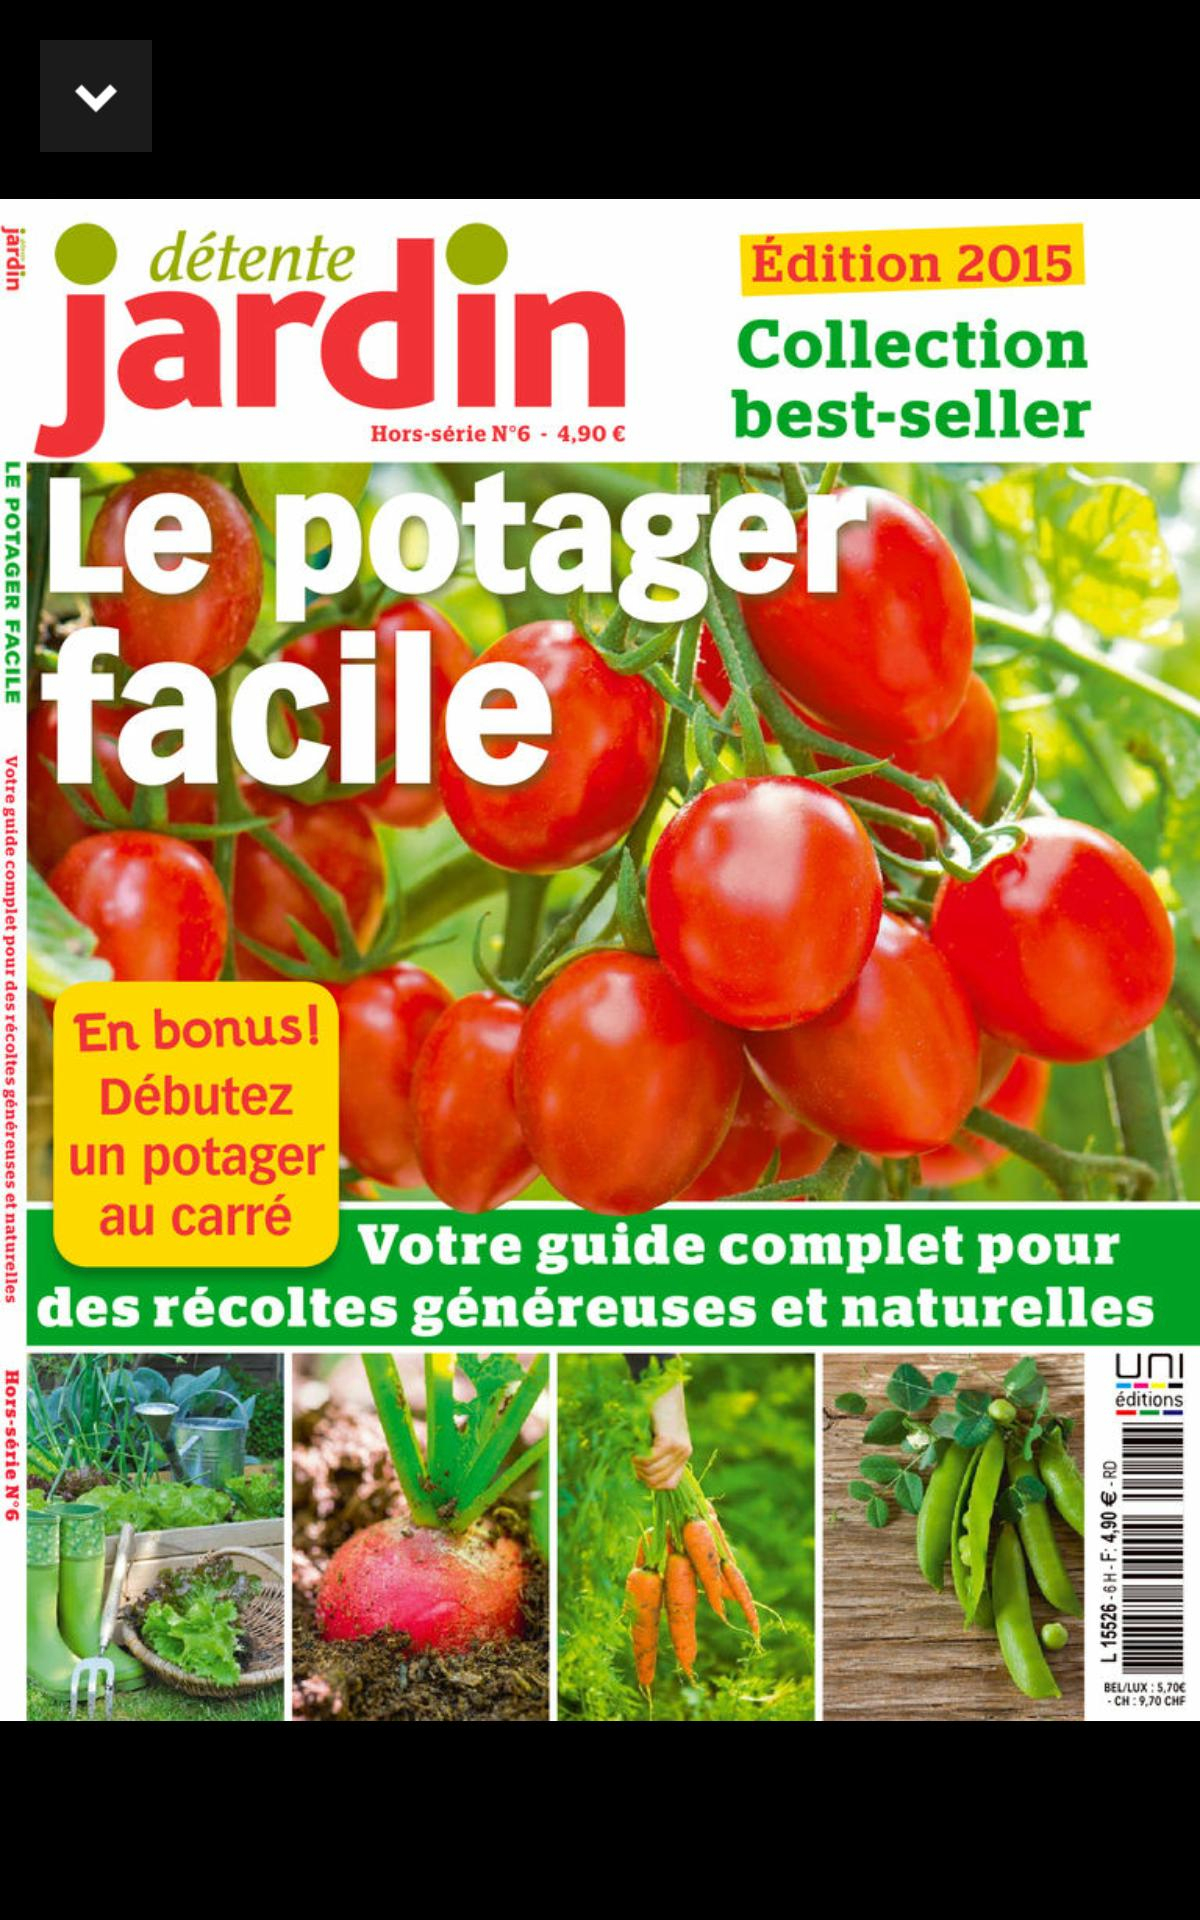 Détente Jardin - Le Magazine For Android - Apk Download tout Detente Jardin